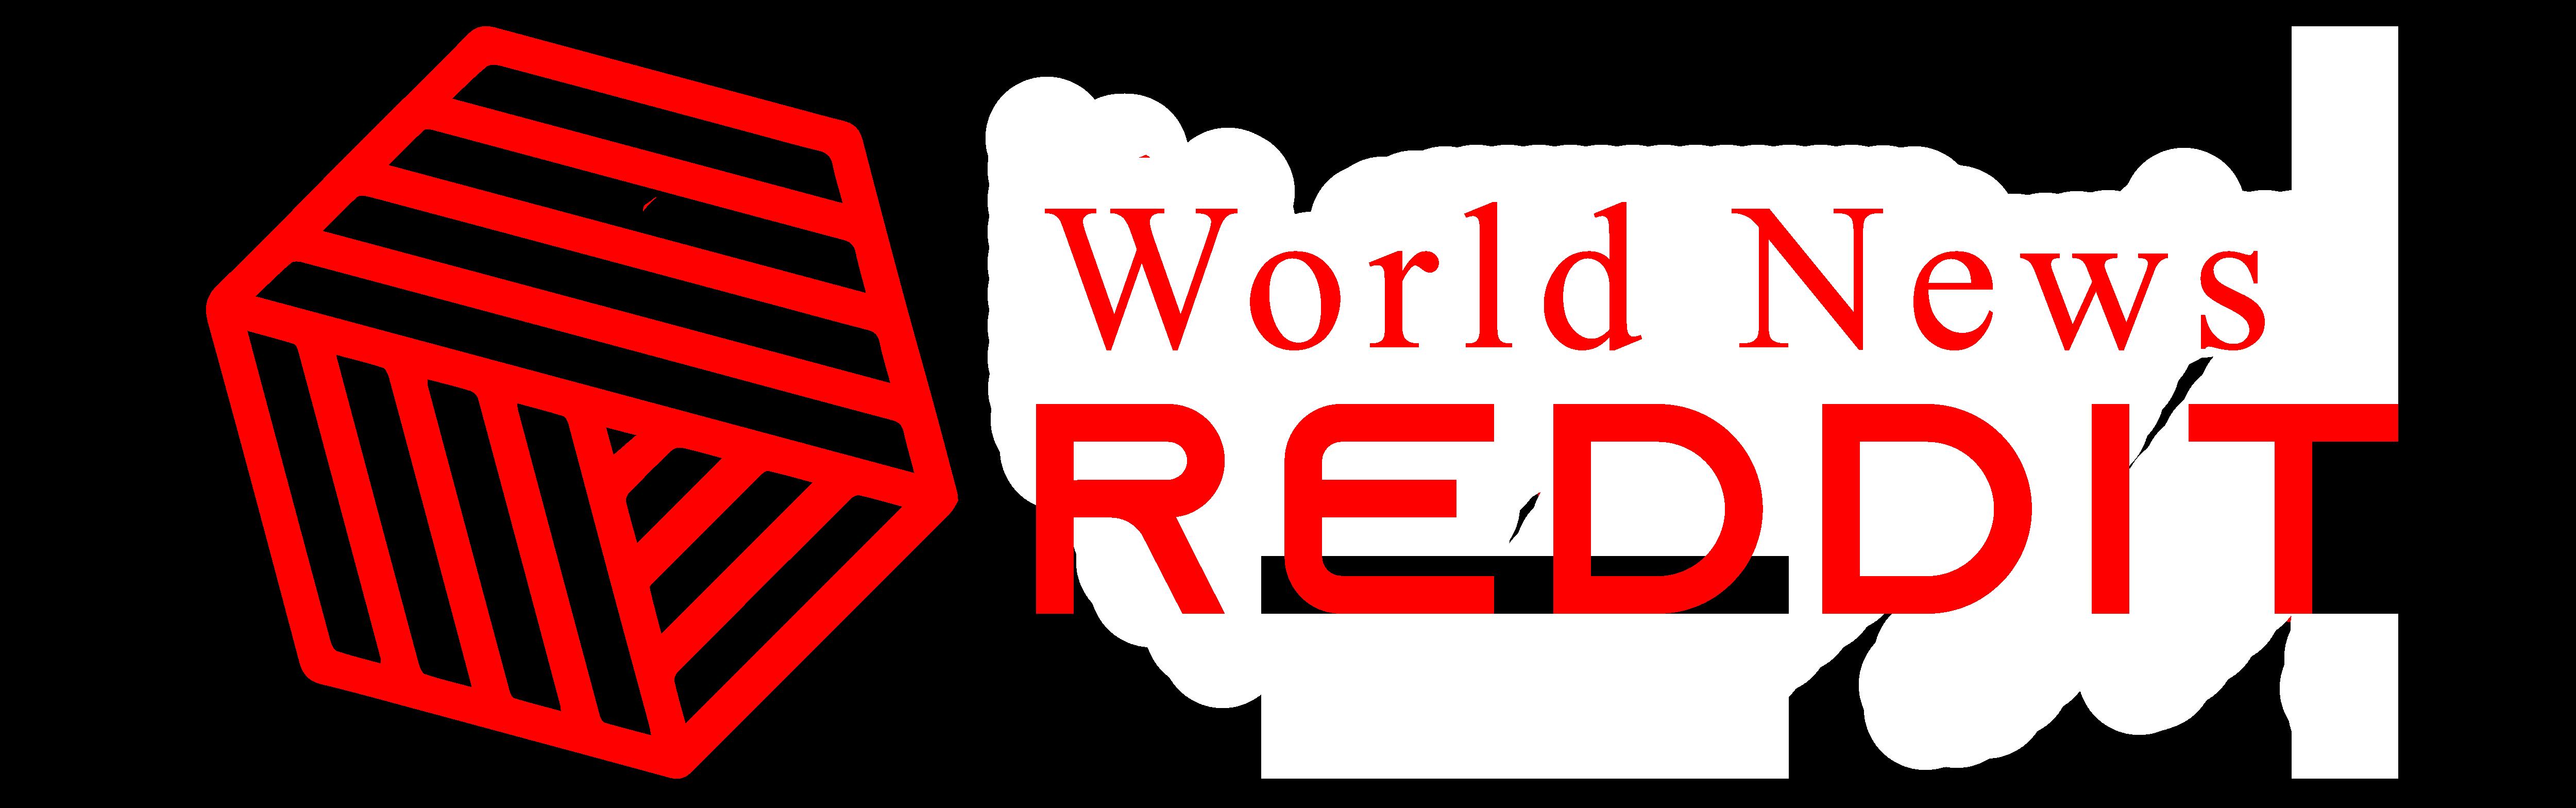 WorldNewsReddit Logo